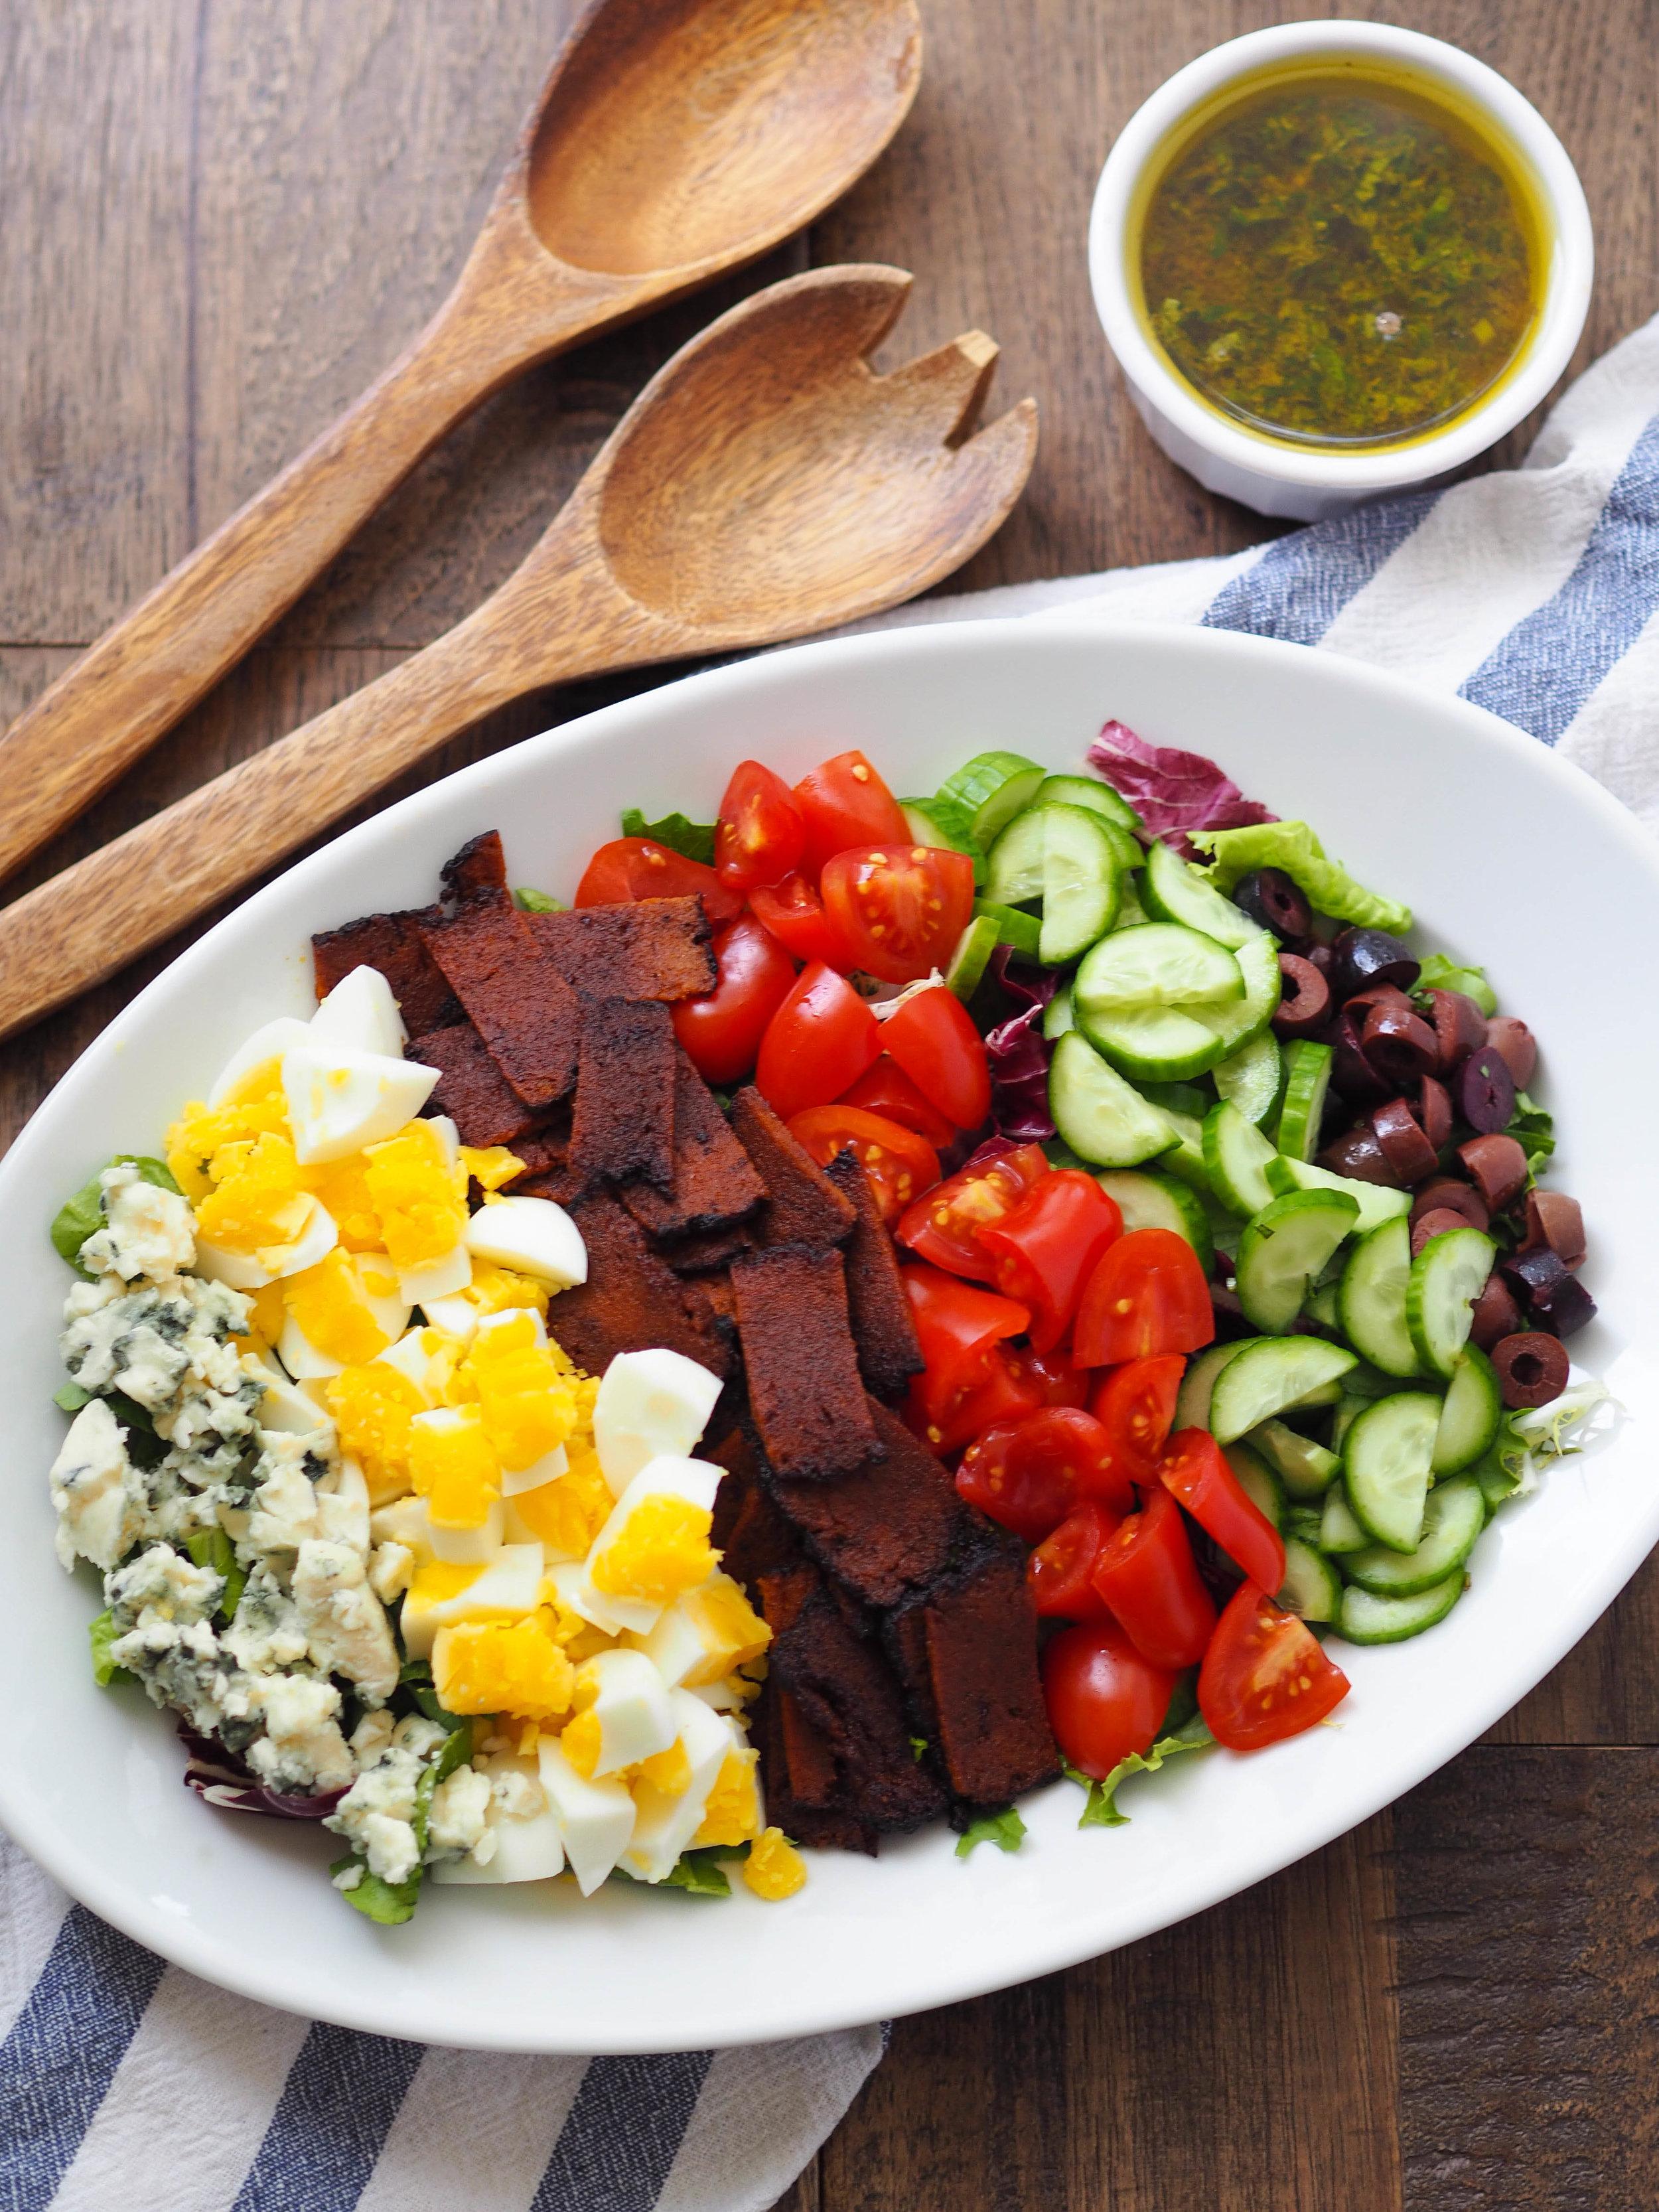 给这个沙拉给她吃培根沙拉!#素食##克里斯蒂娜#